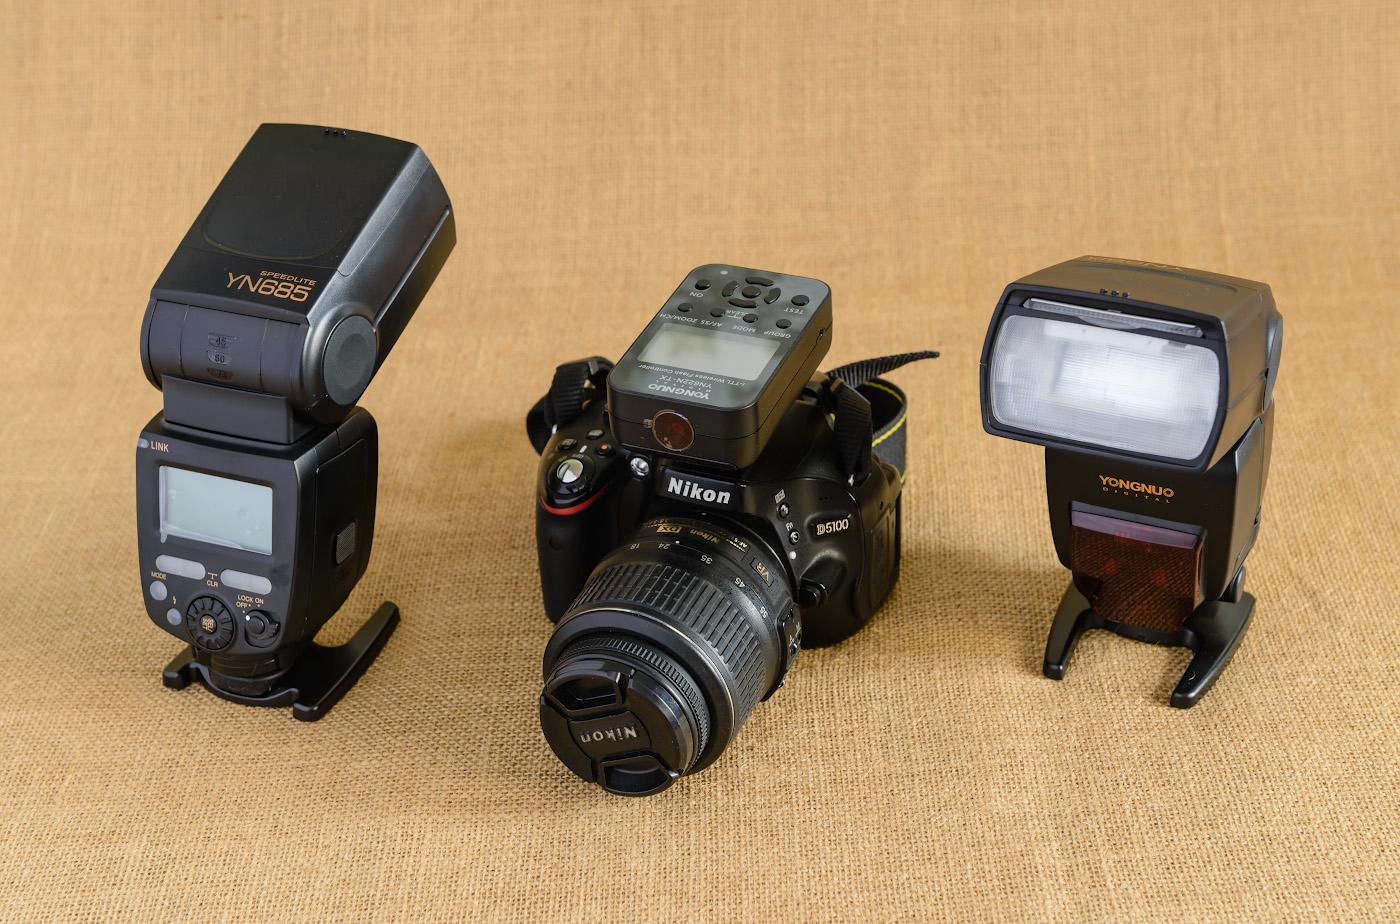 Фотография 7. Недорогие вспышки Yongnuo YN-685N и трансмиттер для управления ими Yongnuo YN-622N-TX, установленные на любительскую КРОПнутую зеркалку Nikon D5100. Сам снимок получен на фуллфреймовую камеру Nikon D610 с объективом Nikon 24-70mm f/2.8G при естественном свете от окна. Слева – белый рефлектор. Использовался штатив Sirui T-2204X. Настройки: В=2 сек., +1EV, 8.0, 200, 56.